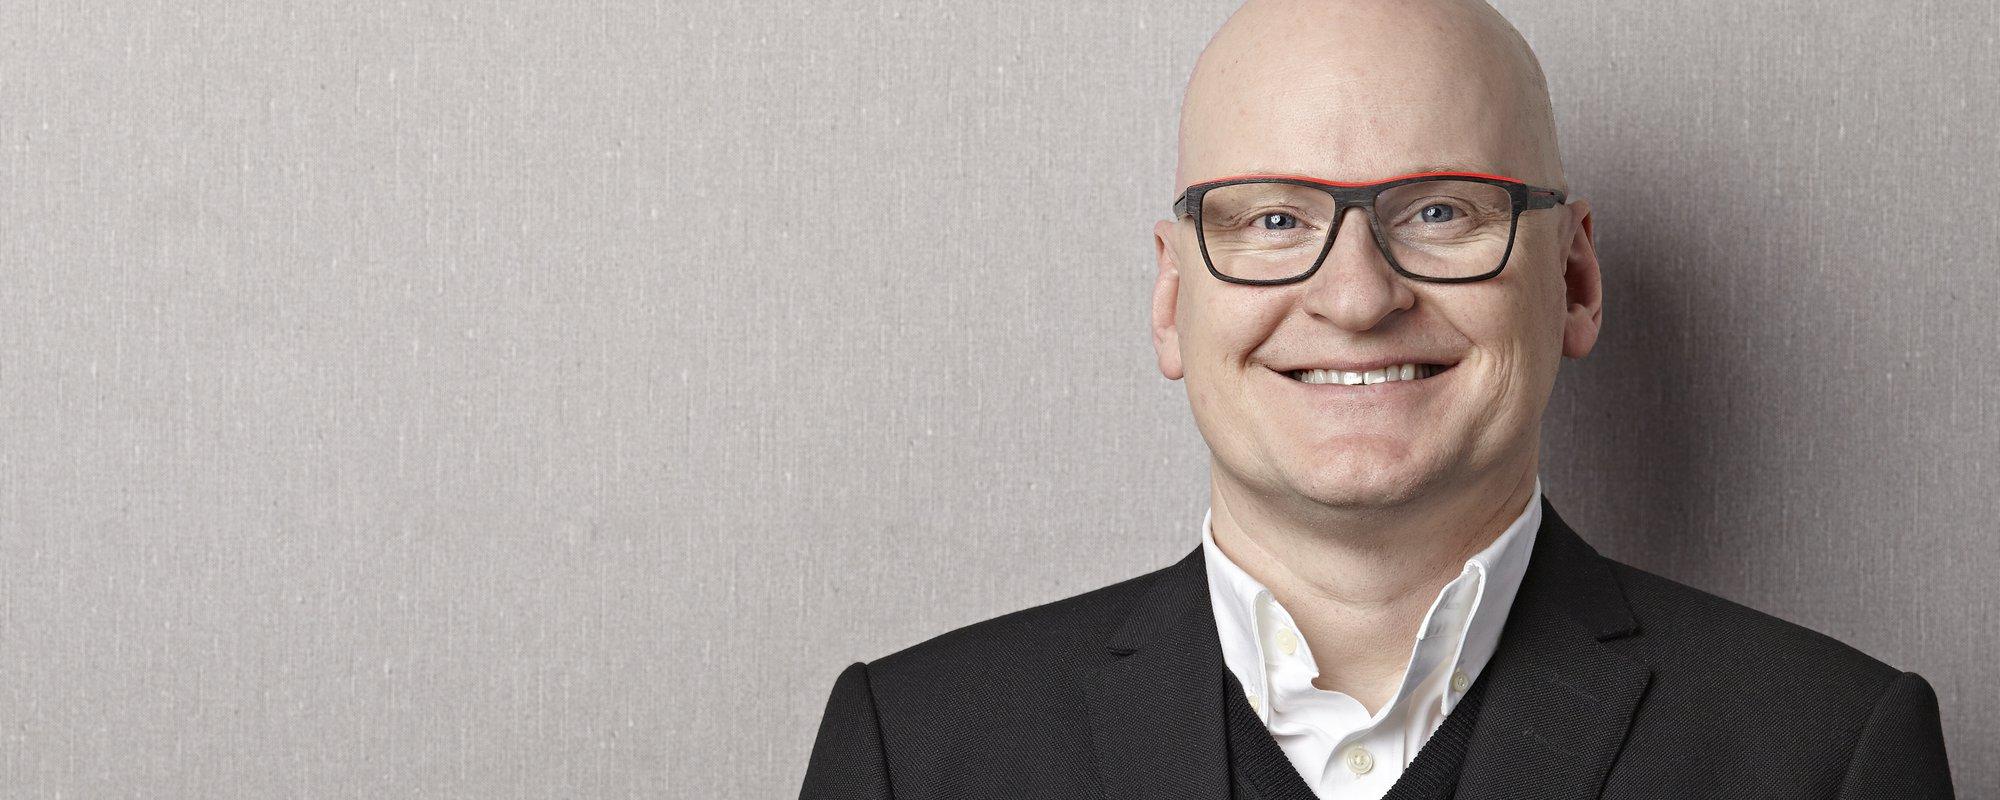 Joachim Frykberg Helbild.jpg